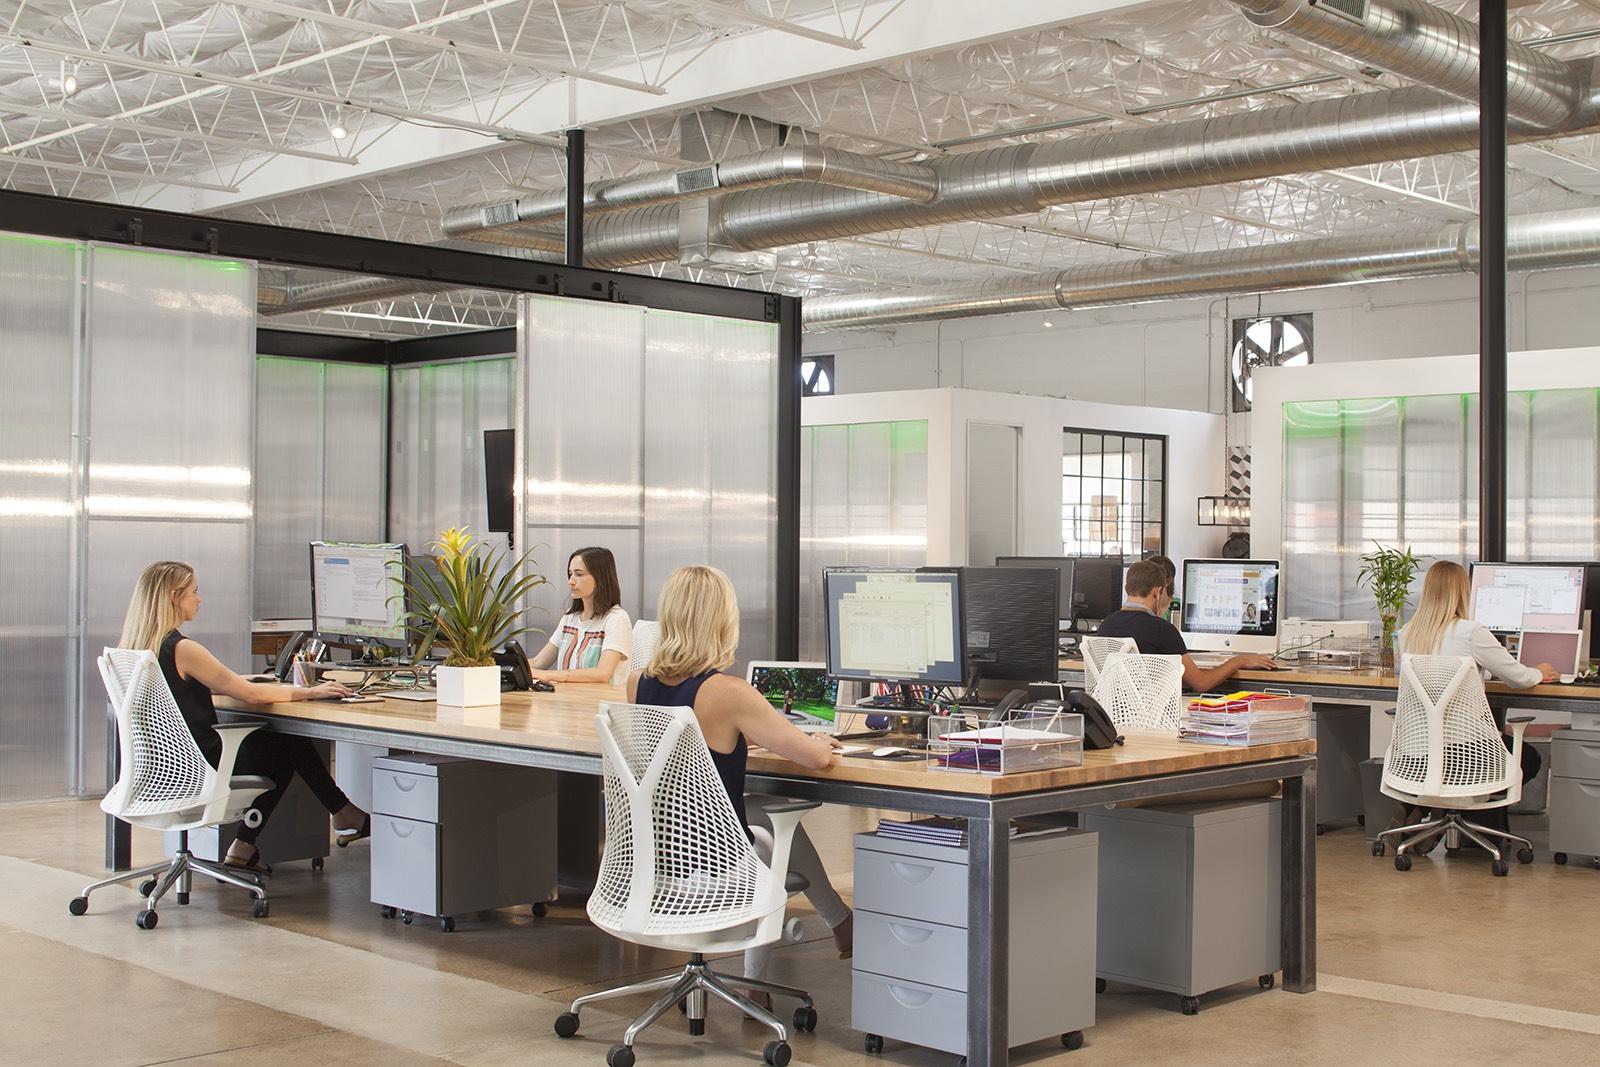 greenligth-office-1